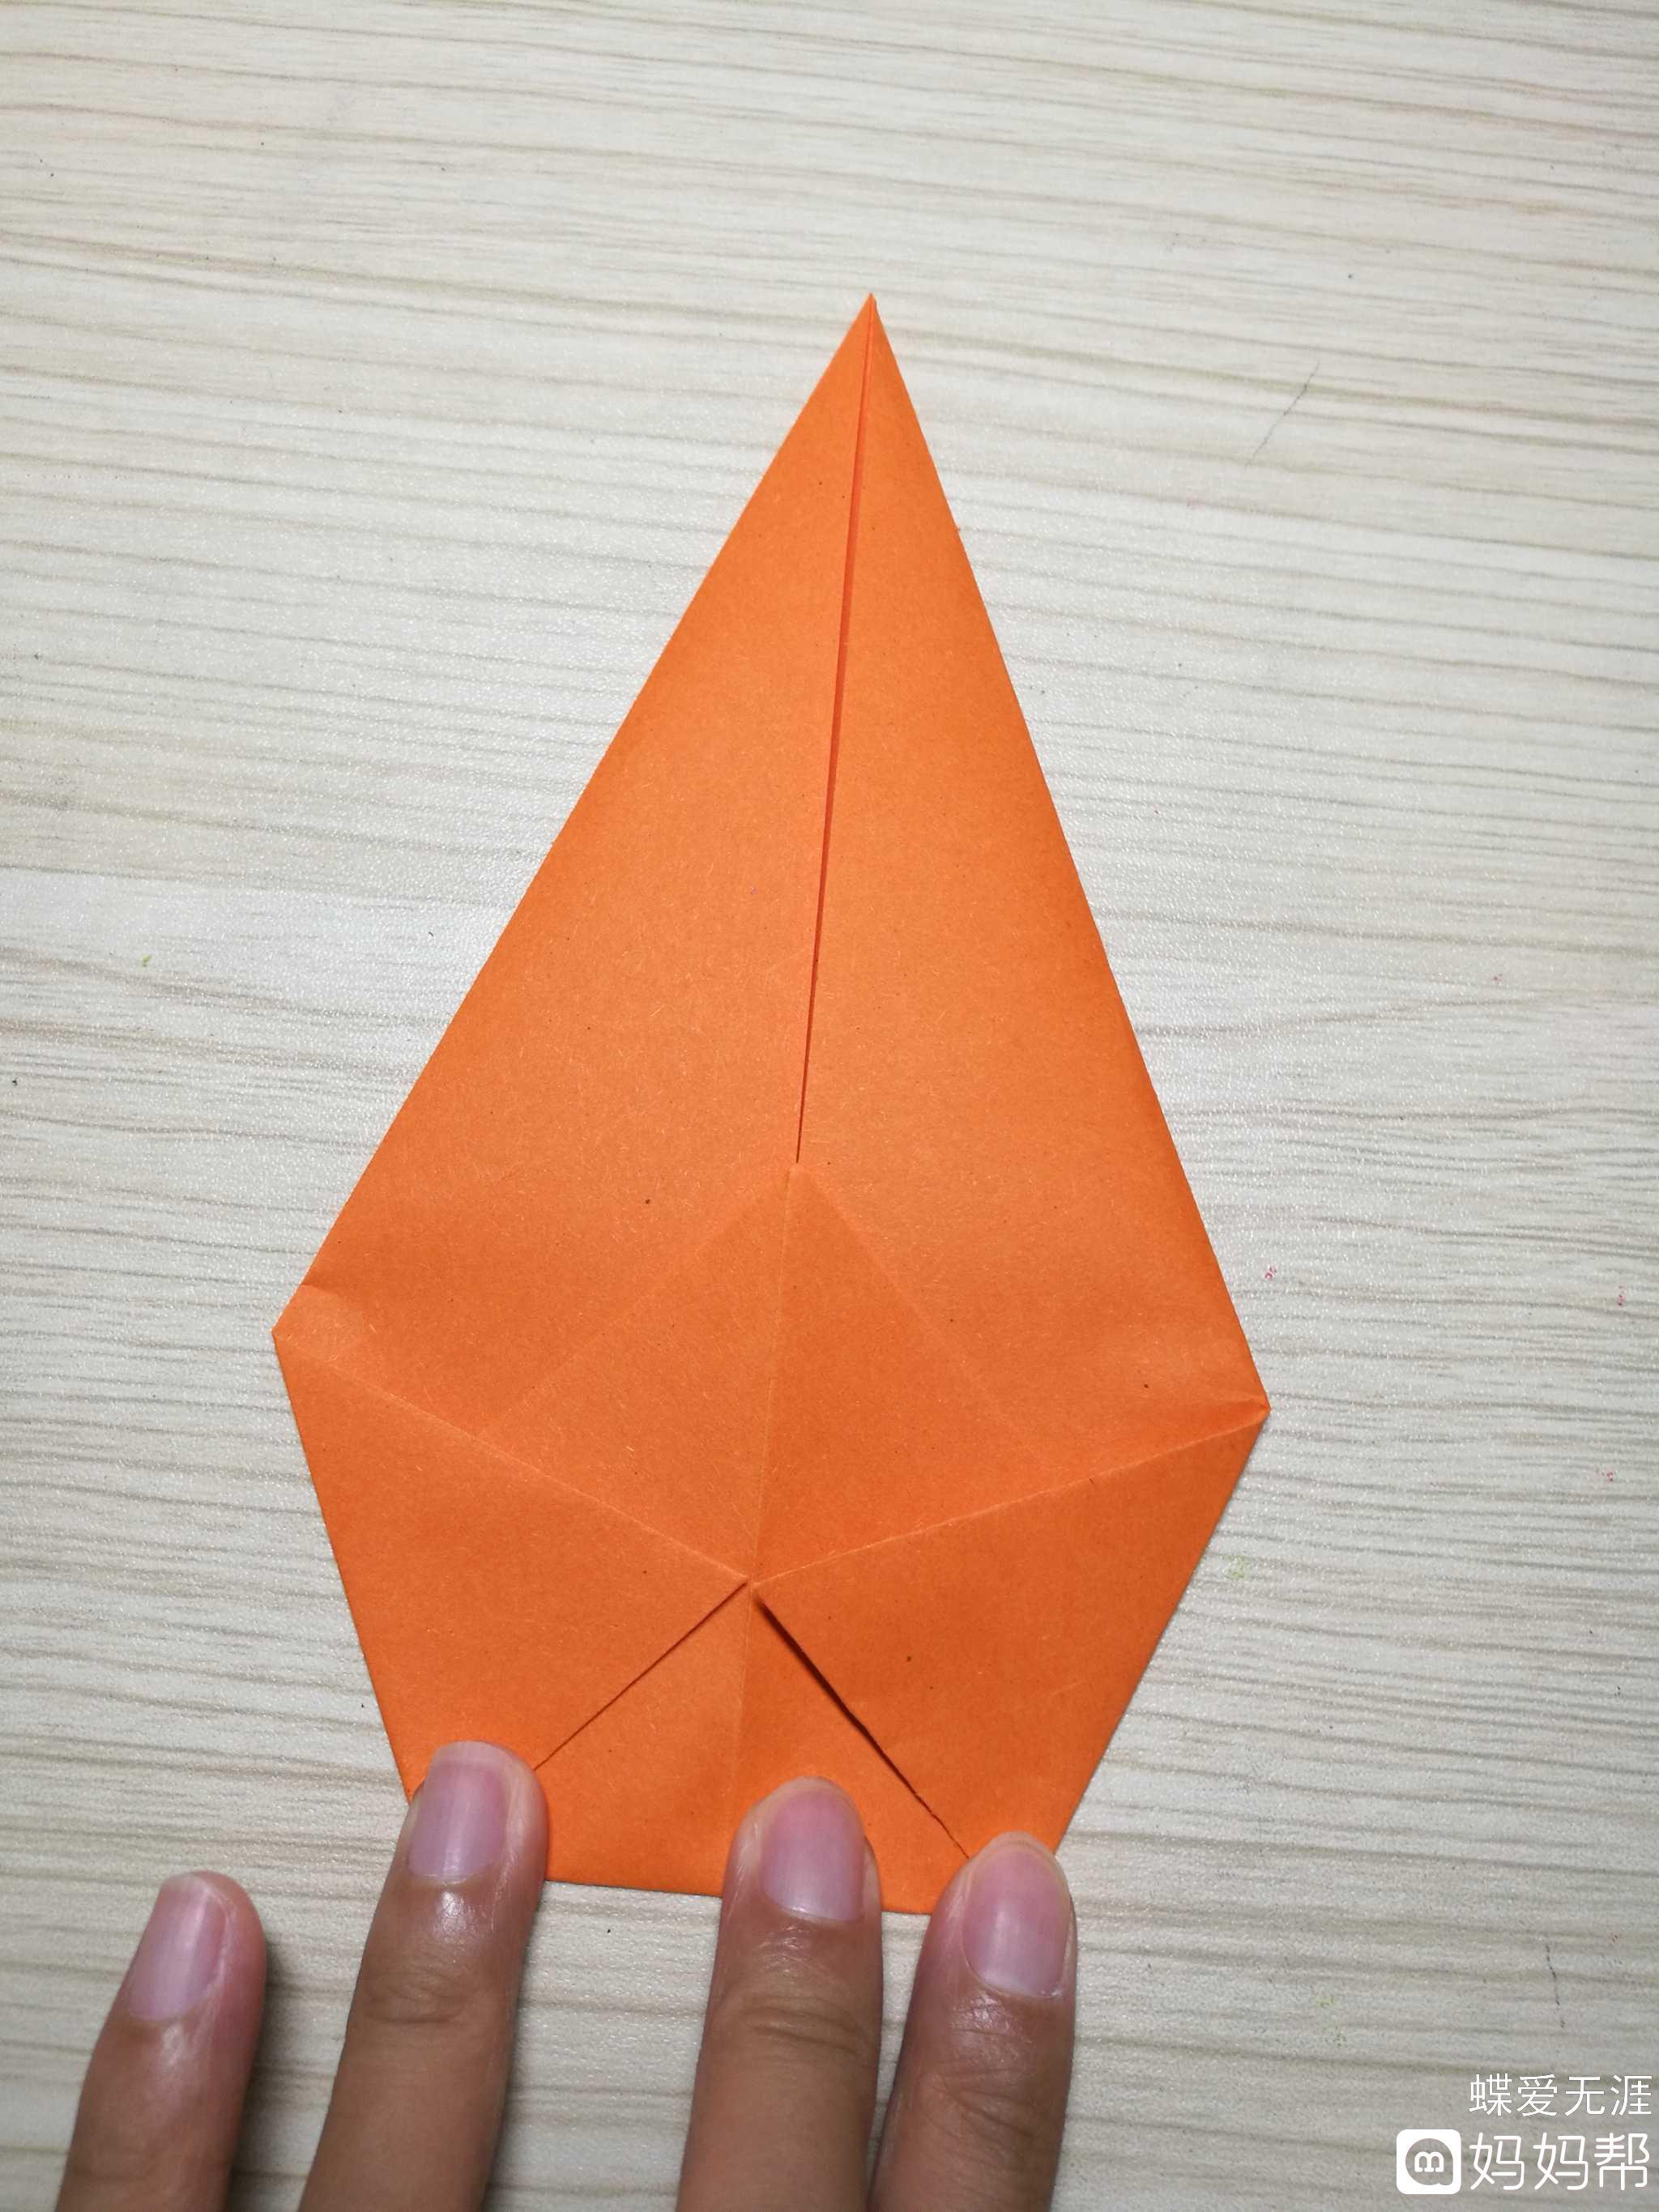 手工折纸# 制作步骤: 1,橙色折纸对